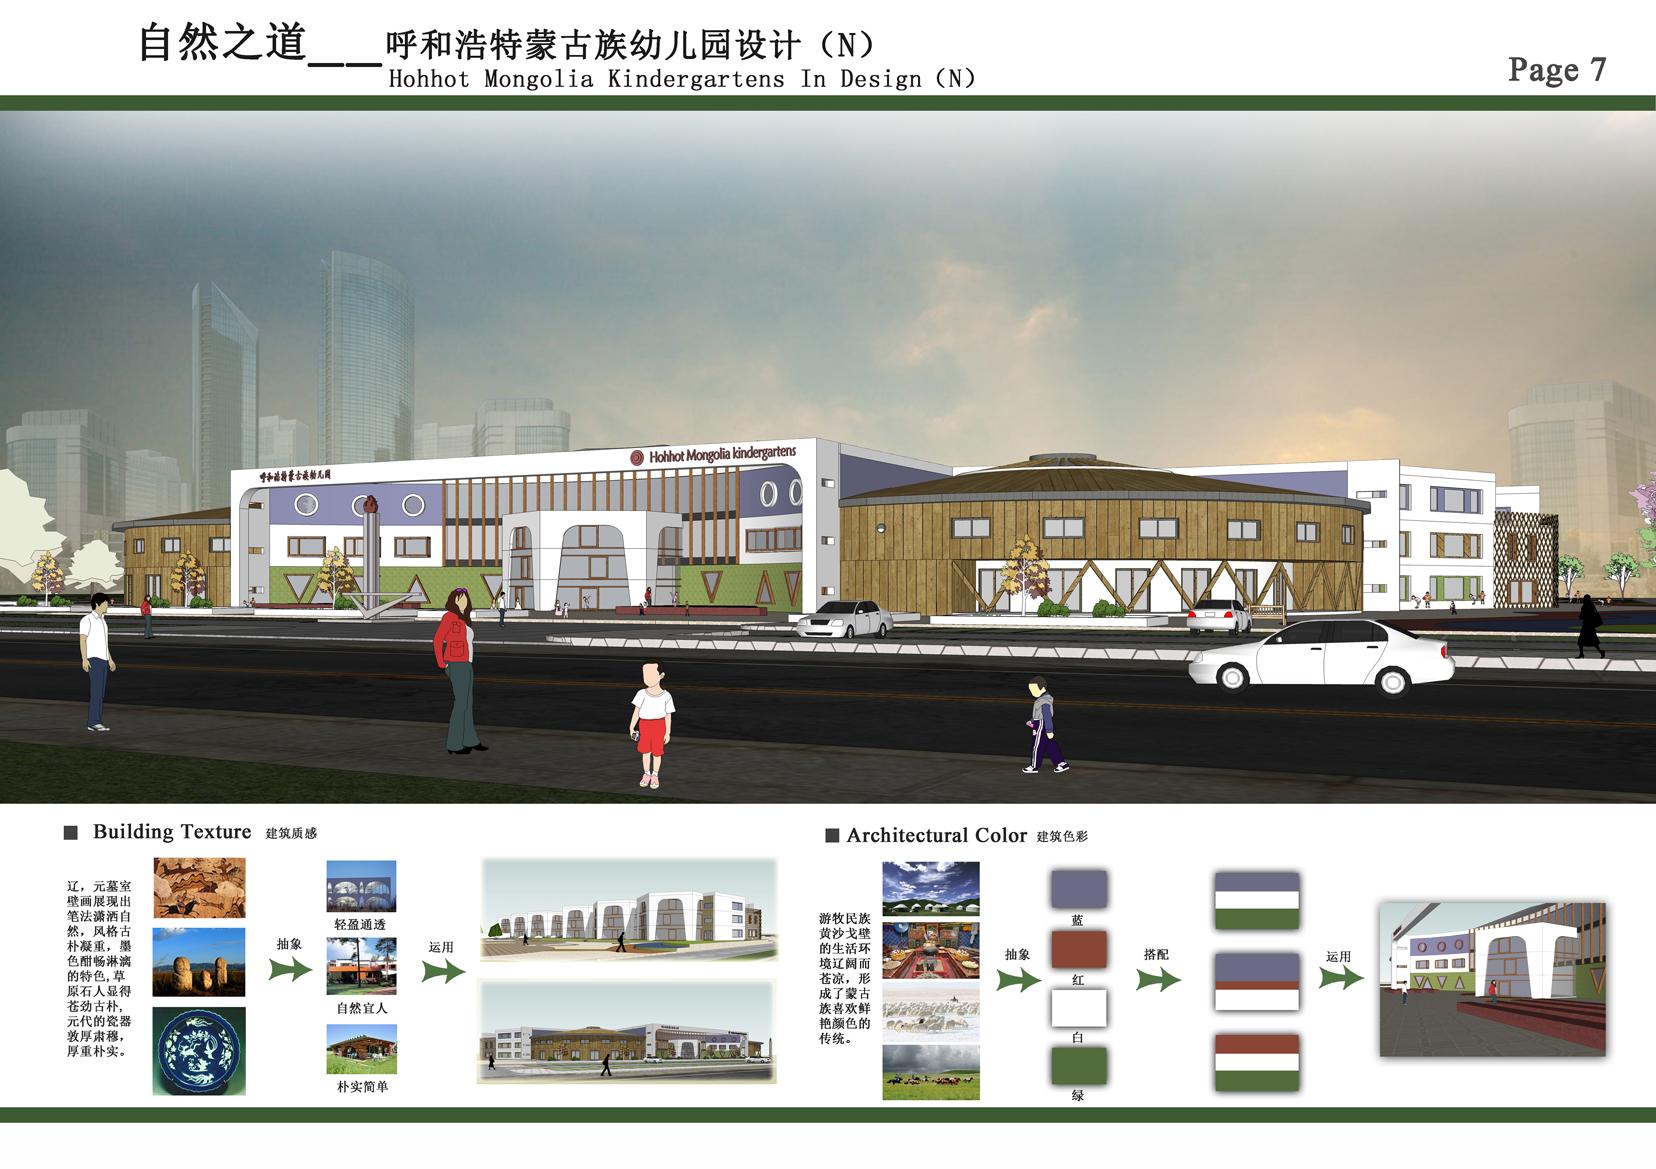 蒙古族幼儿园建筑设计方案 第7张